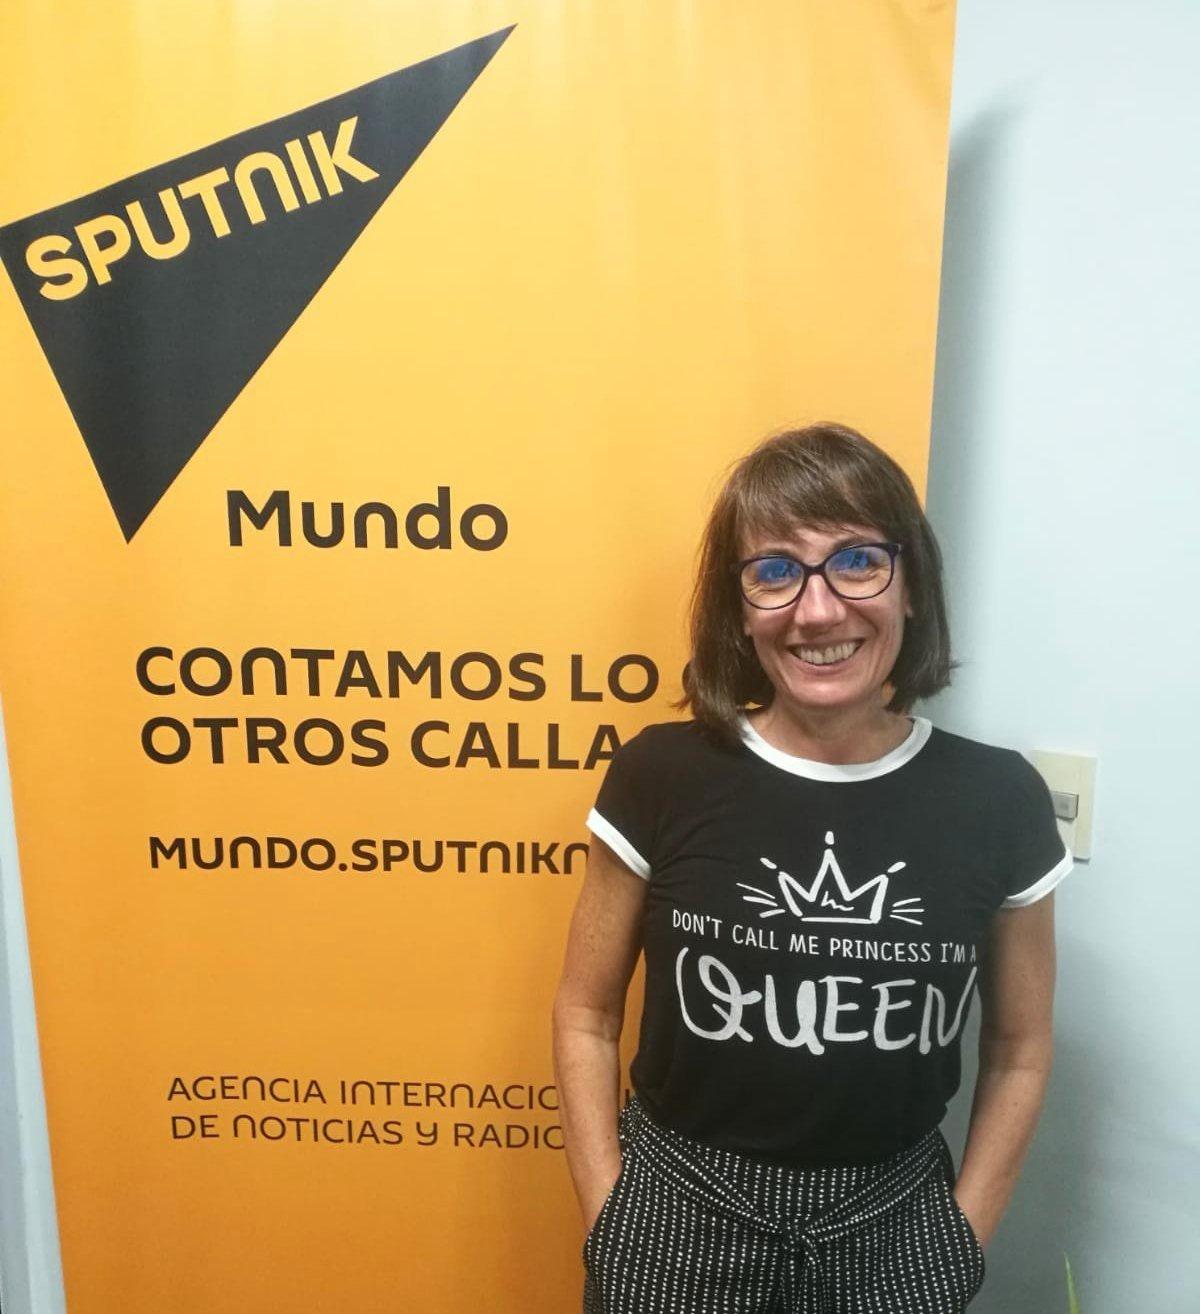 Diana Cariboni, periodista. Ganadora del Premio Nacional de Prensa Escrita 2018 de Uruguay.